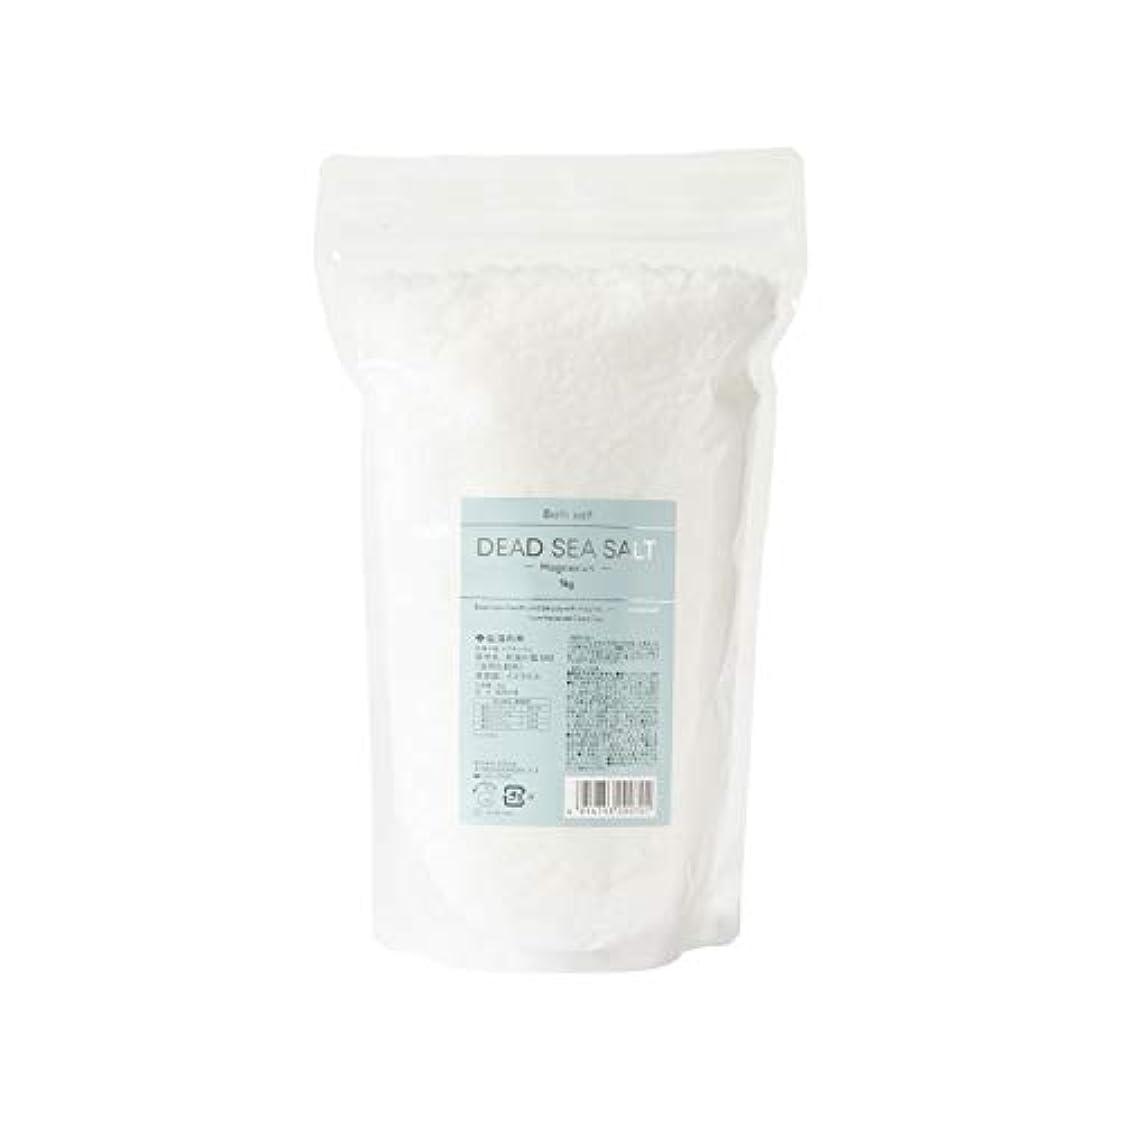 ブランド名不明瞭頼む生活の木 死海の塩マグネシウム 1kg